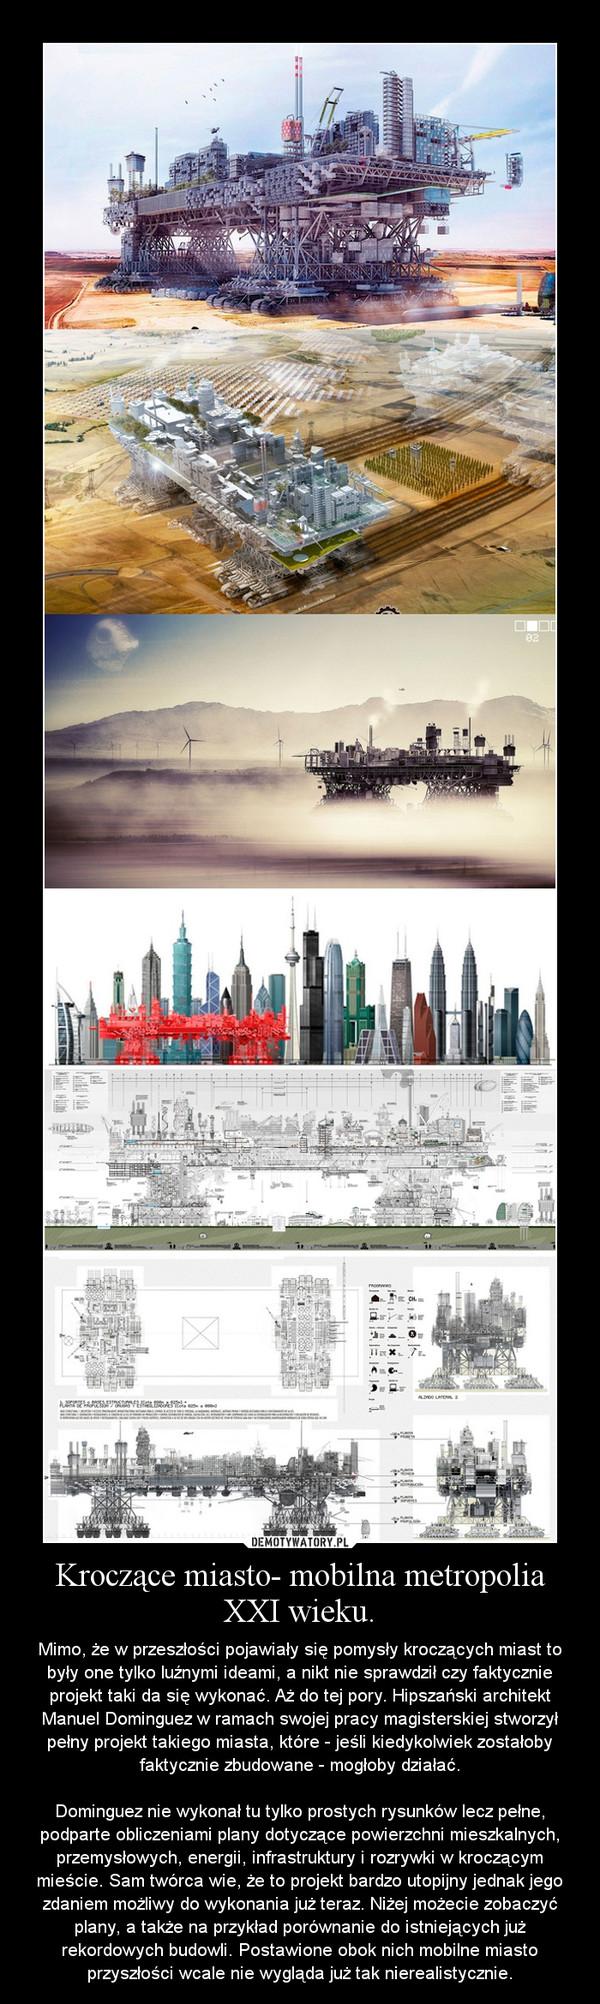 Kroczące miasto- mobilna metropolia XXI wieku. – Mimo, że w przeszłości pojawiały się pomysły kroczących miast to były one tylko luźnymi ideami, a nikt nie sprawdził czy faktycznie projekt taki da się wykonać. Aż do tej pory. Hipszański architekt Manuel Dominguez w ramach swojej pracy magisterskiej stworzył pełny projekt takiego miasta, które - jeśli kiedykolwiek zostałoby faktycznie zbudowane - mogłoby działać.Dominguez nie wykonał tu tylko prostych rysunków lecz pełne, podparte obliczeniami plany dotyczące powierzchni mieszkalnych, przemysłowych, energii, infrastruktury i rozrywki w kroczącym mieście. Sam twórca wie, że to projekt bardzo utopijny jednak jego zdaniem możliwy do wykonania już teraz. Niżej możecie zobaczyć plany, a także na przykład porównanie do istniejących już rekordowych budowli. Postawione obok nich mobilne miasto przyszłości wcale nie wygląda już tak nierealistycznie.